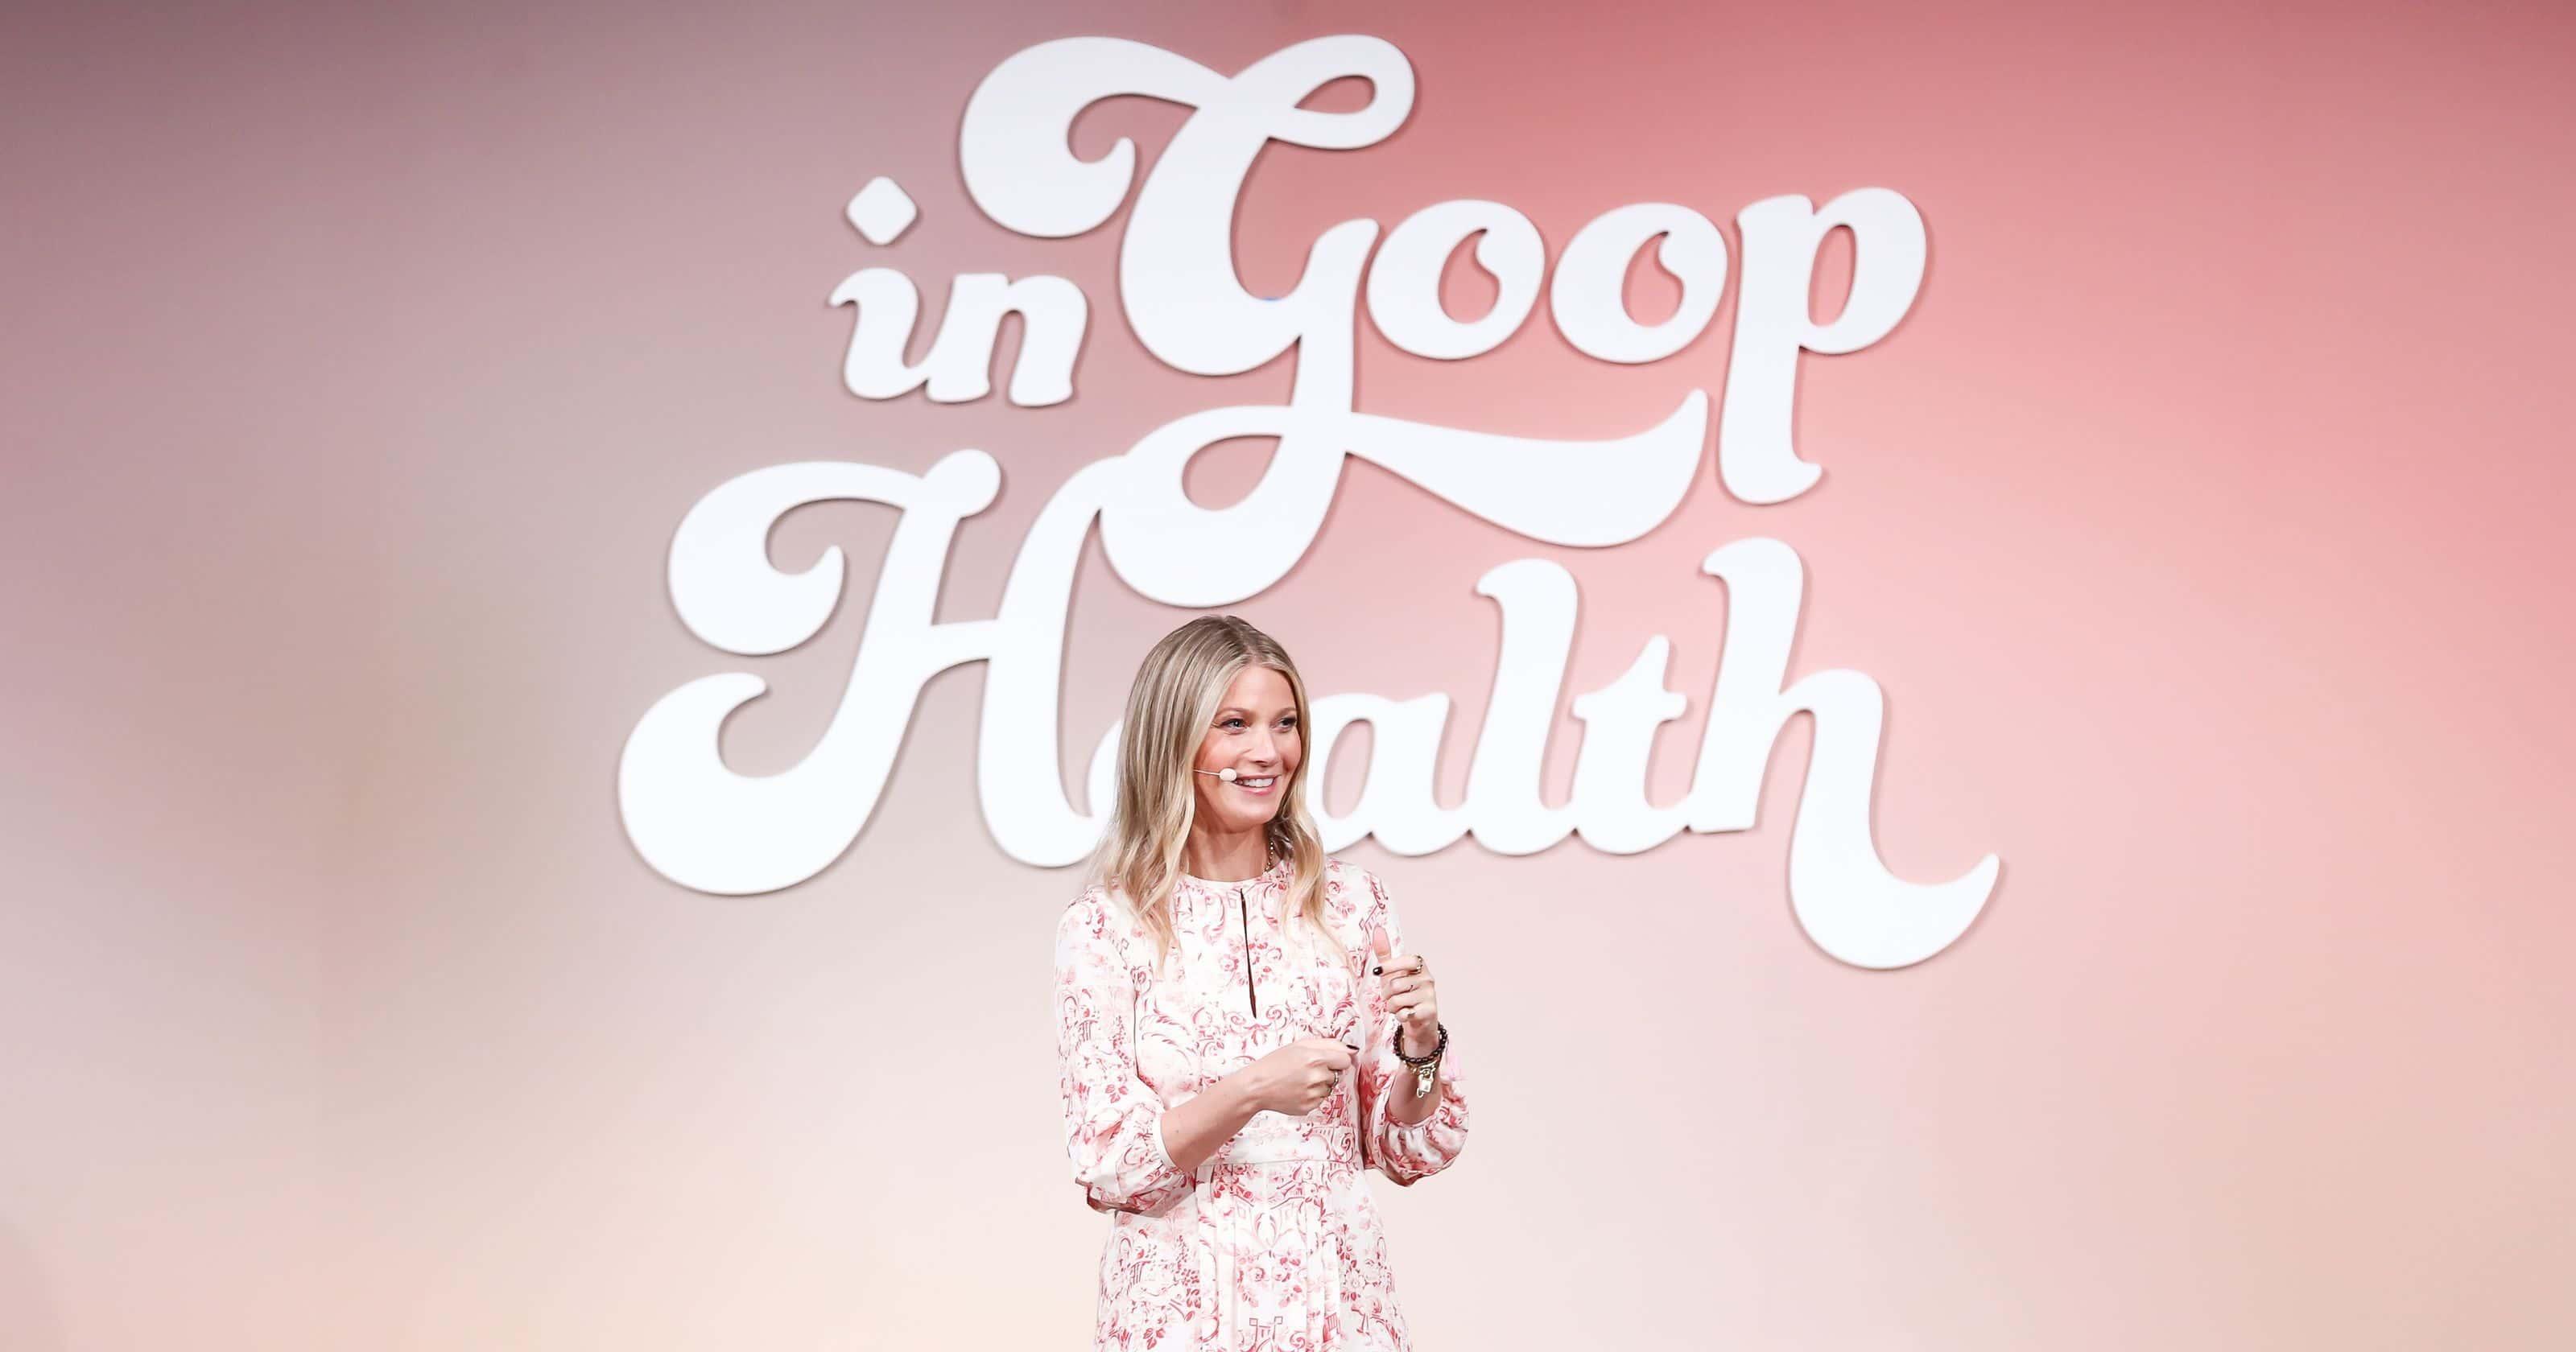 gwyneth paltrow facts